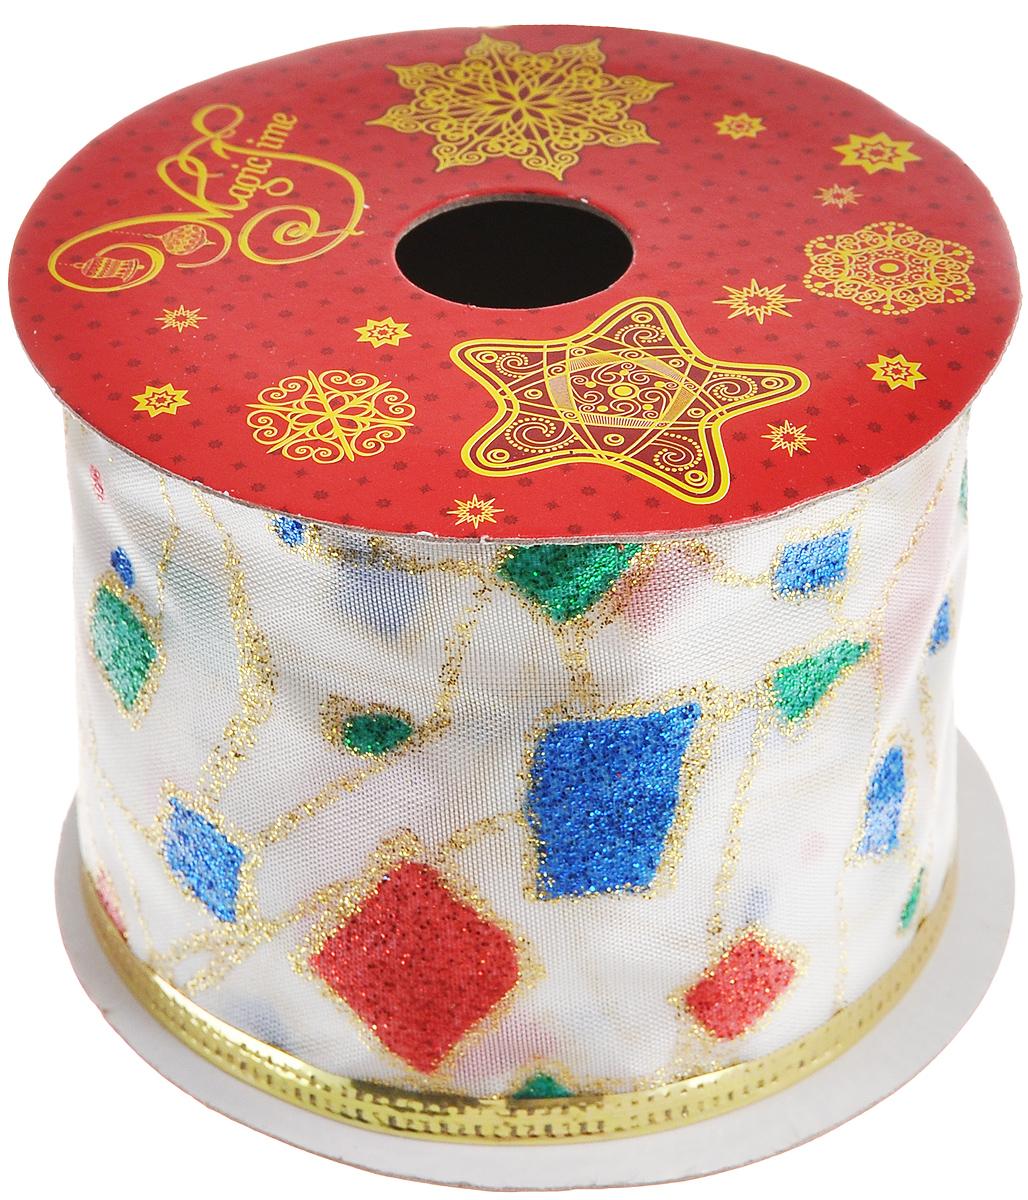 Декоративная лента Феникс-презент Разноцветные квадратики, цвет: белый, зеленый, красный, длина 2,7 м38904Декоративная лента Феникс-презент Разноцветные квадратики выполнена из высококачественного полиэстера. В края ленты вставлена проволока, благодаря чему ее легко фиксировать. Лента предназначена для оформления подарочных коробок, пакетов. Кроме того, декоративная лента с успехом применяется для художественного оформления витрин, праздничного оформления помещений, изготовления искусственных цветов. Декоративная лента украсит интерьер вашего дома к праздникам. Ширина ленты: 6,3 см.